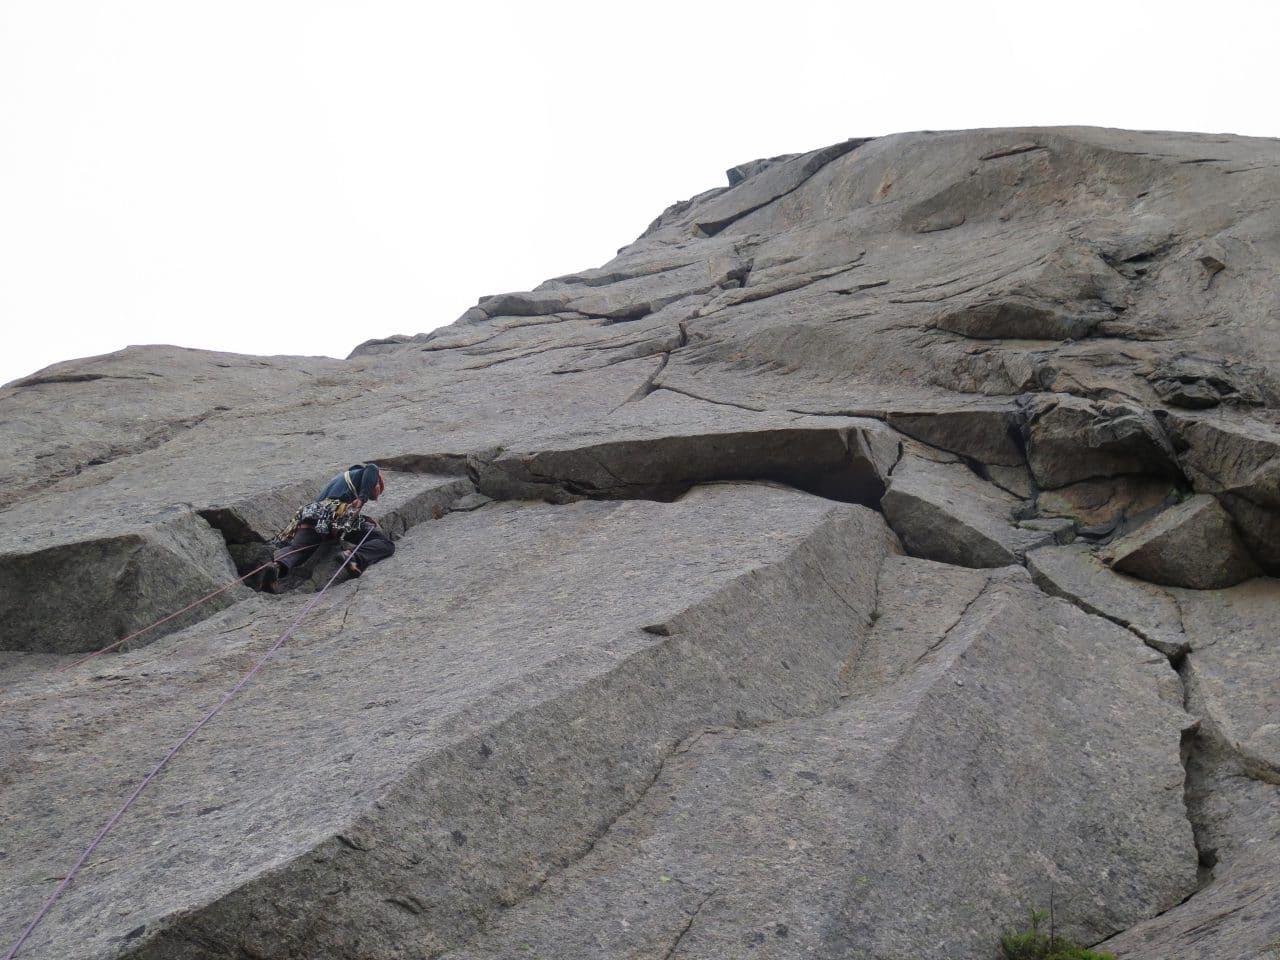 lofoten-norvege-escalade-voyage-helyum-yann-nussbaumer-7